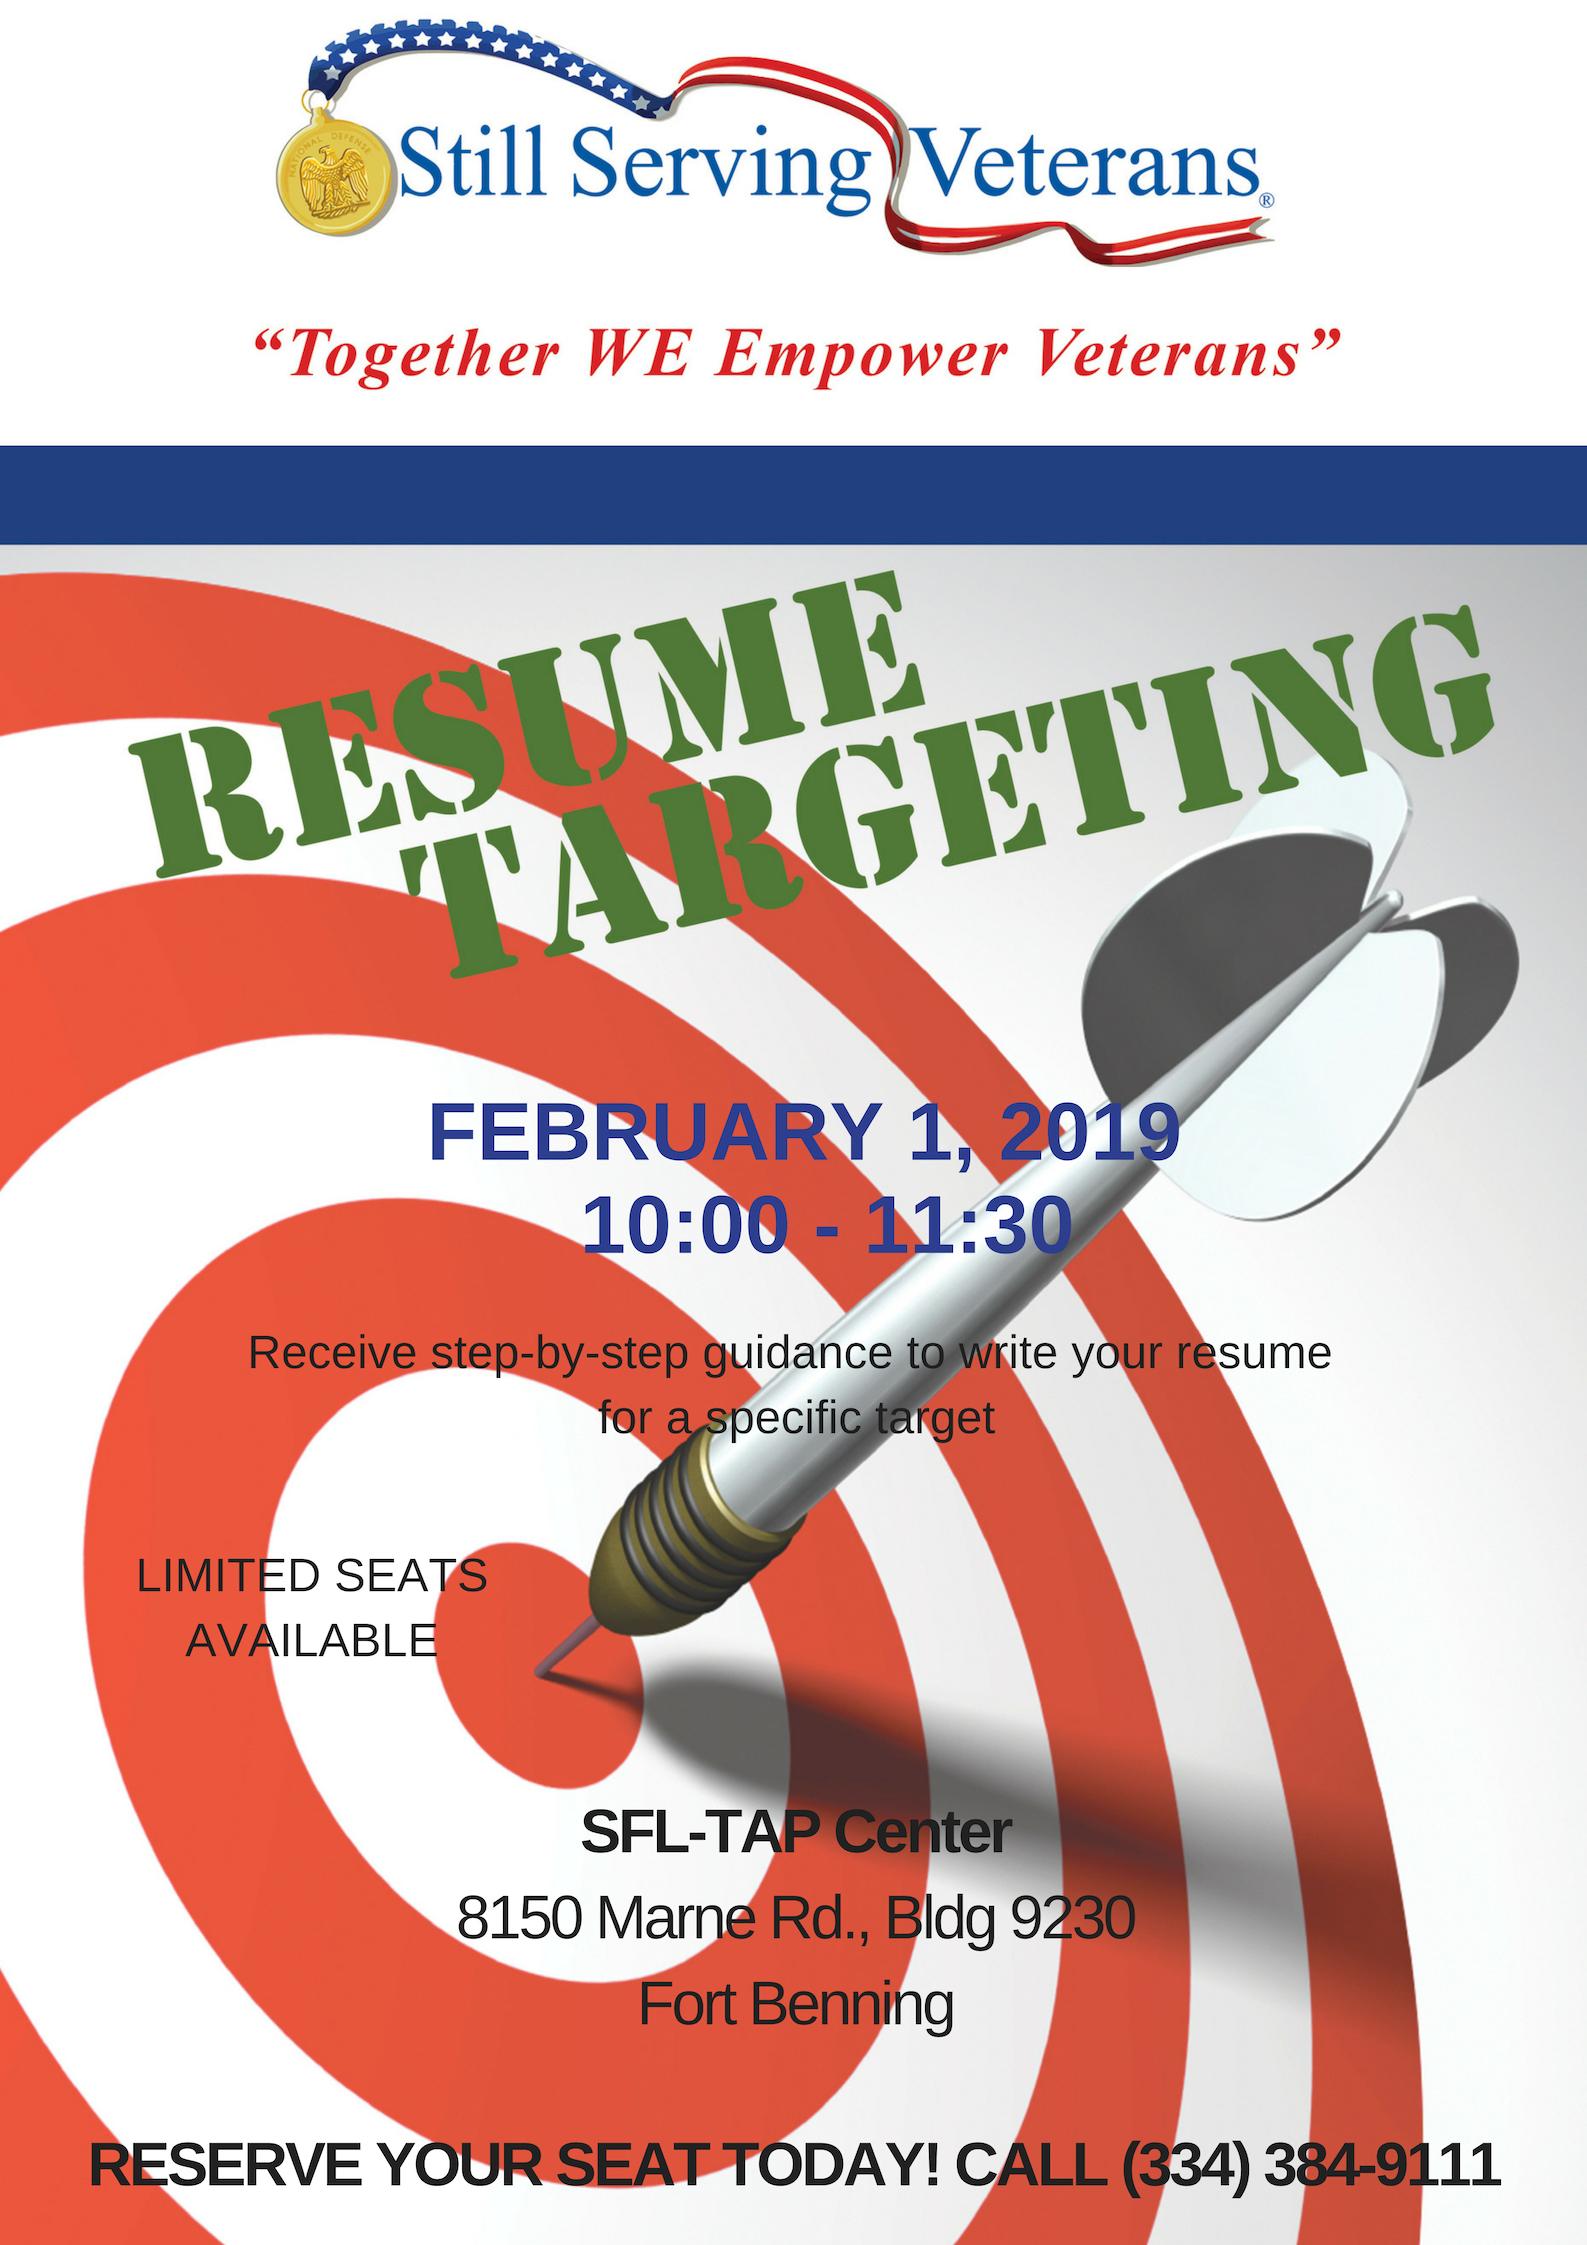 FEB 1 Resume Target (1).jpg